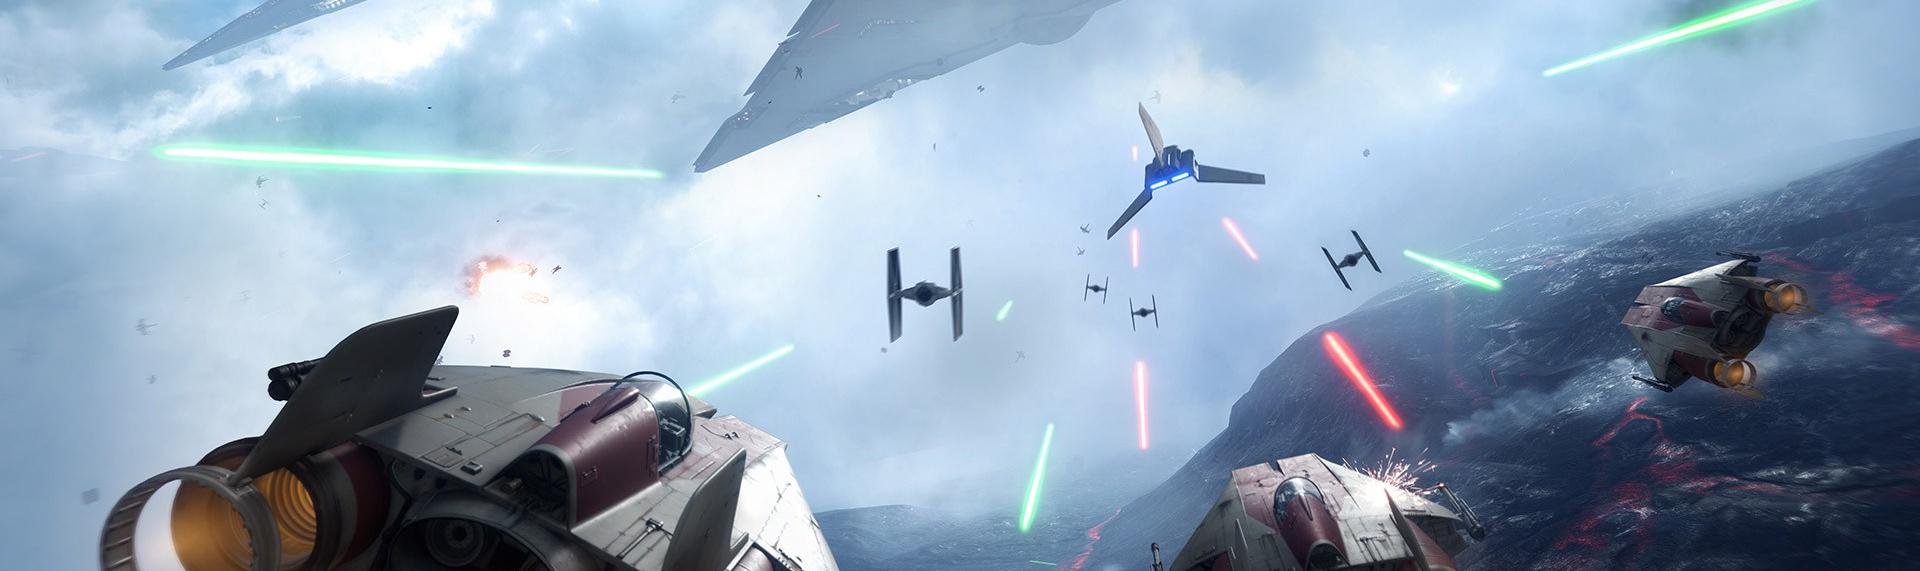 star wars screenshot